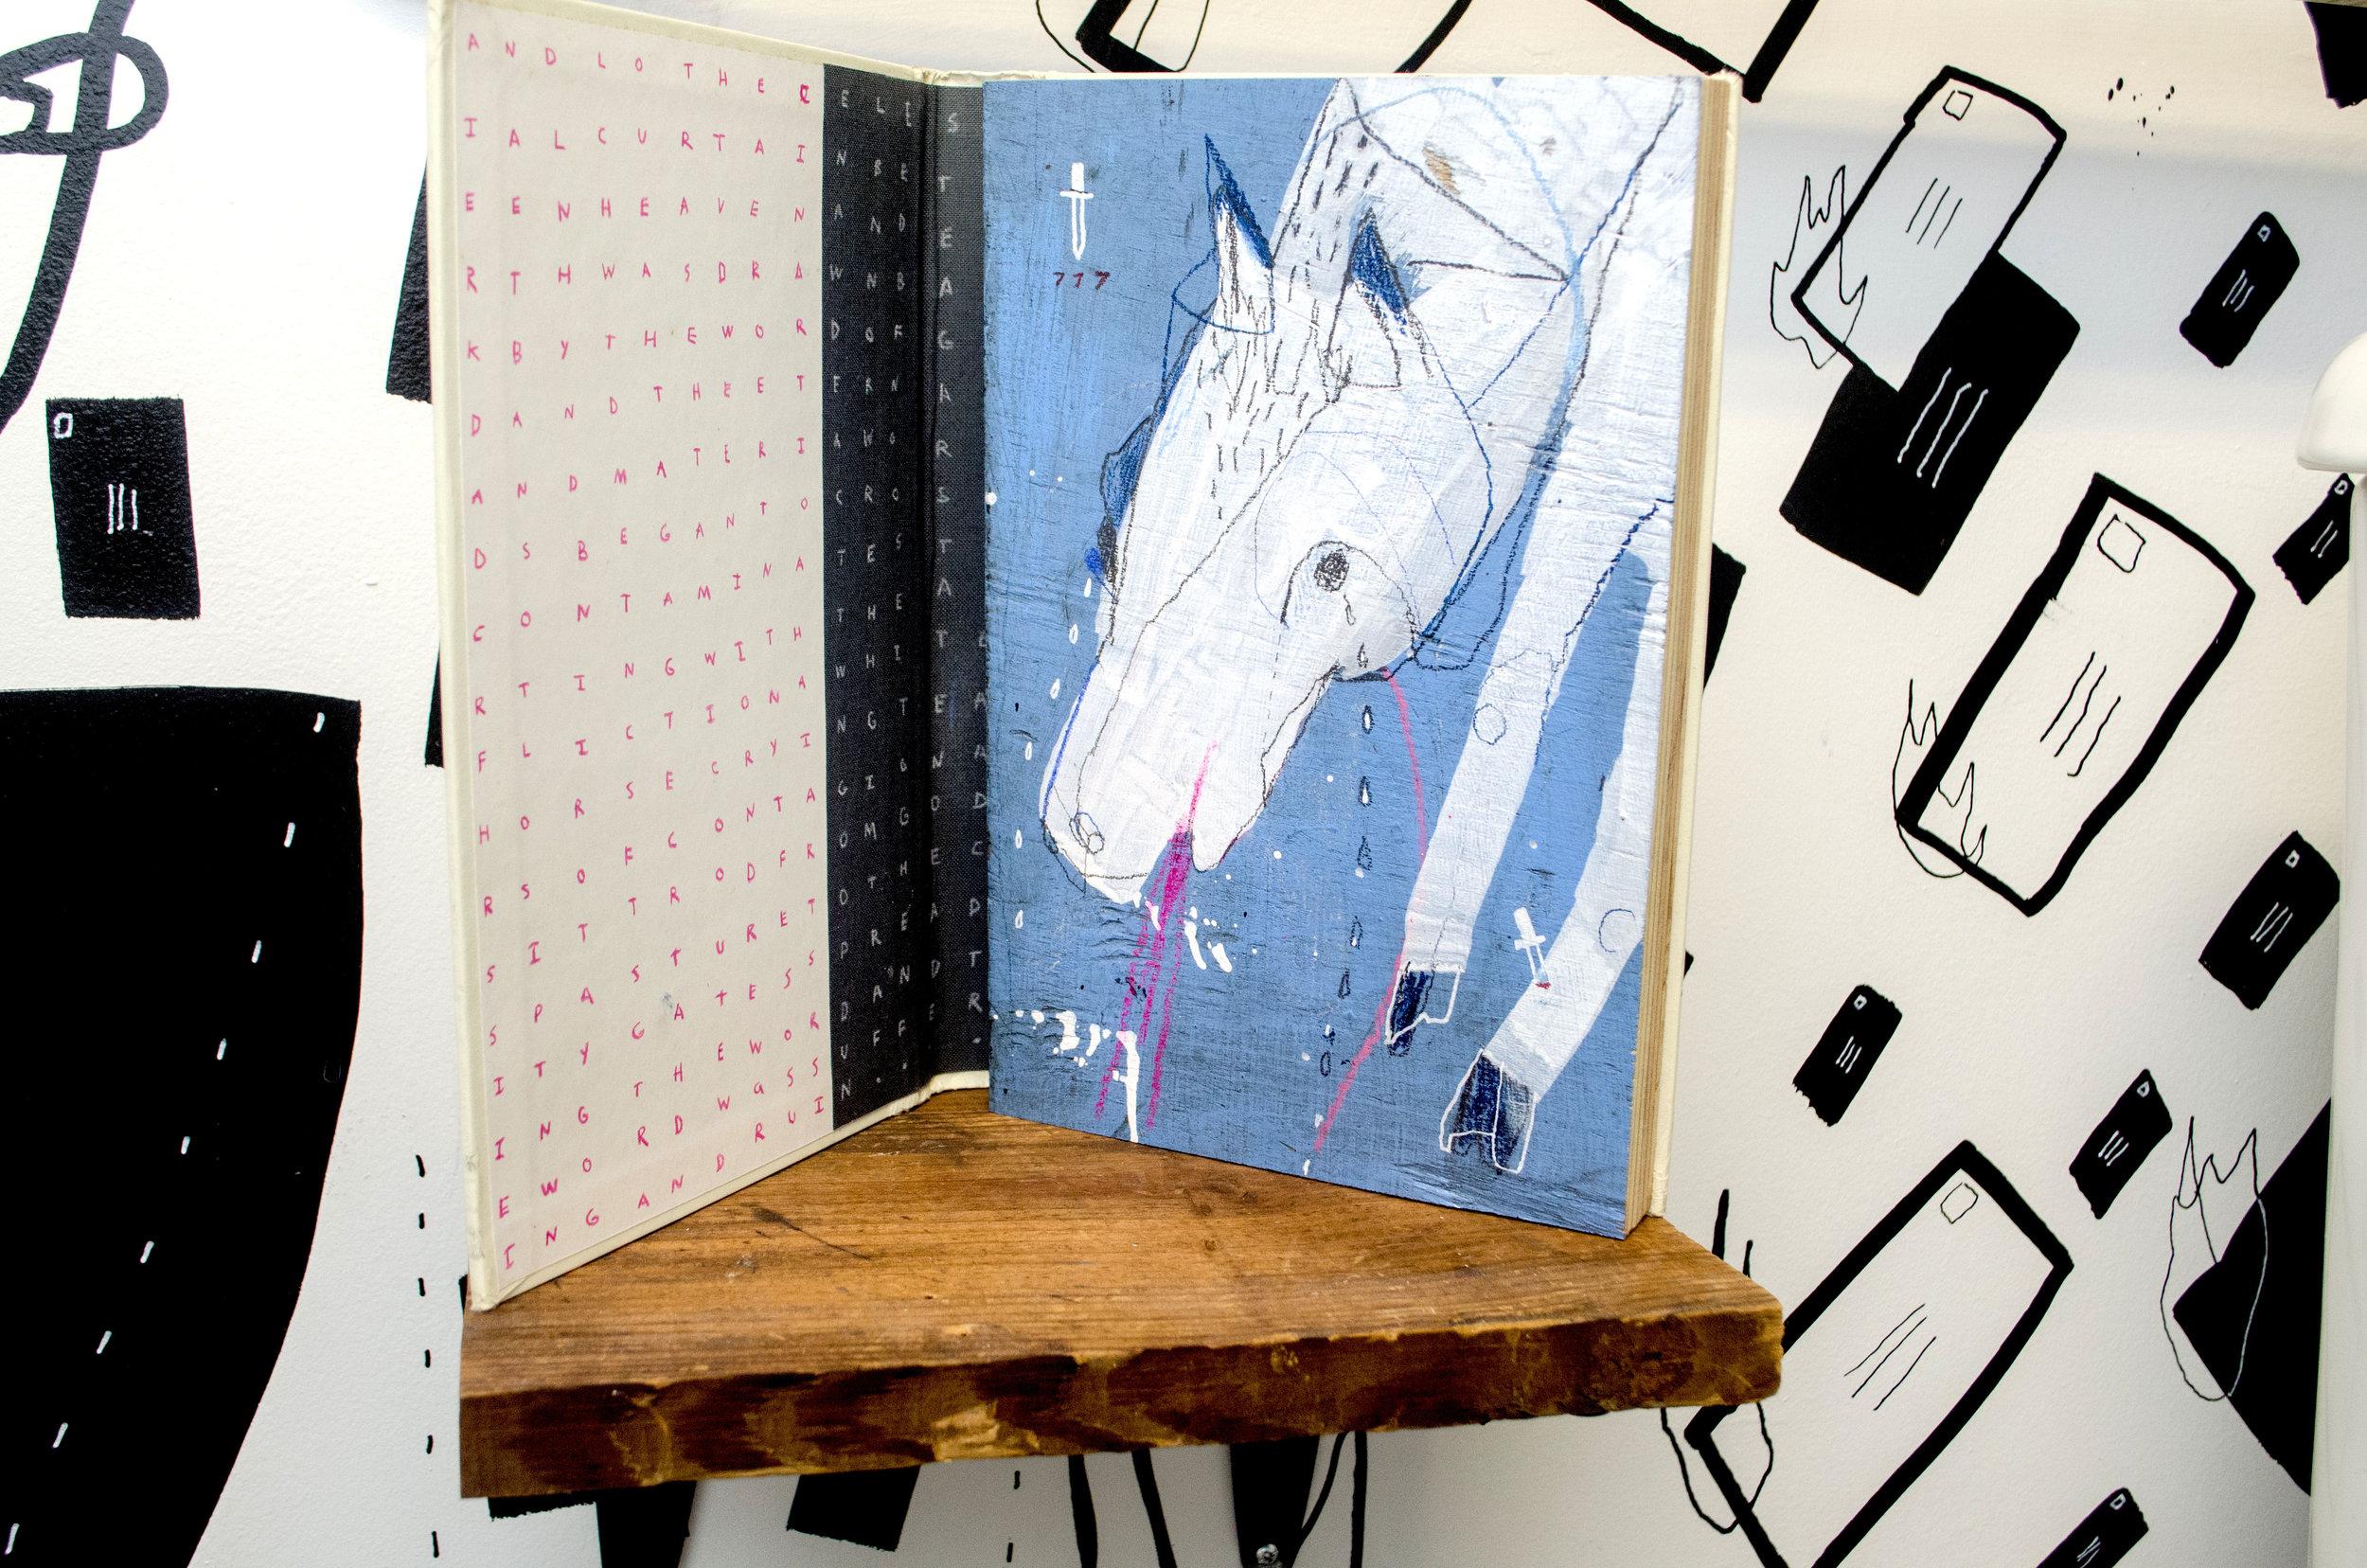 white book open.jpg